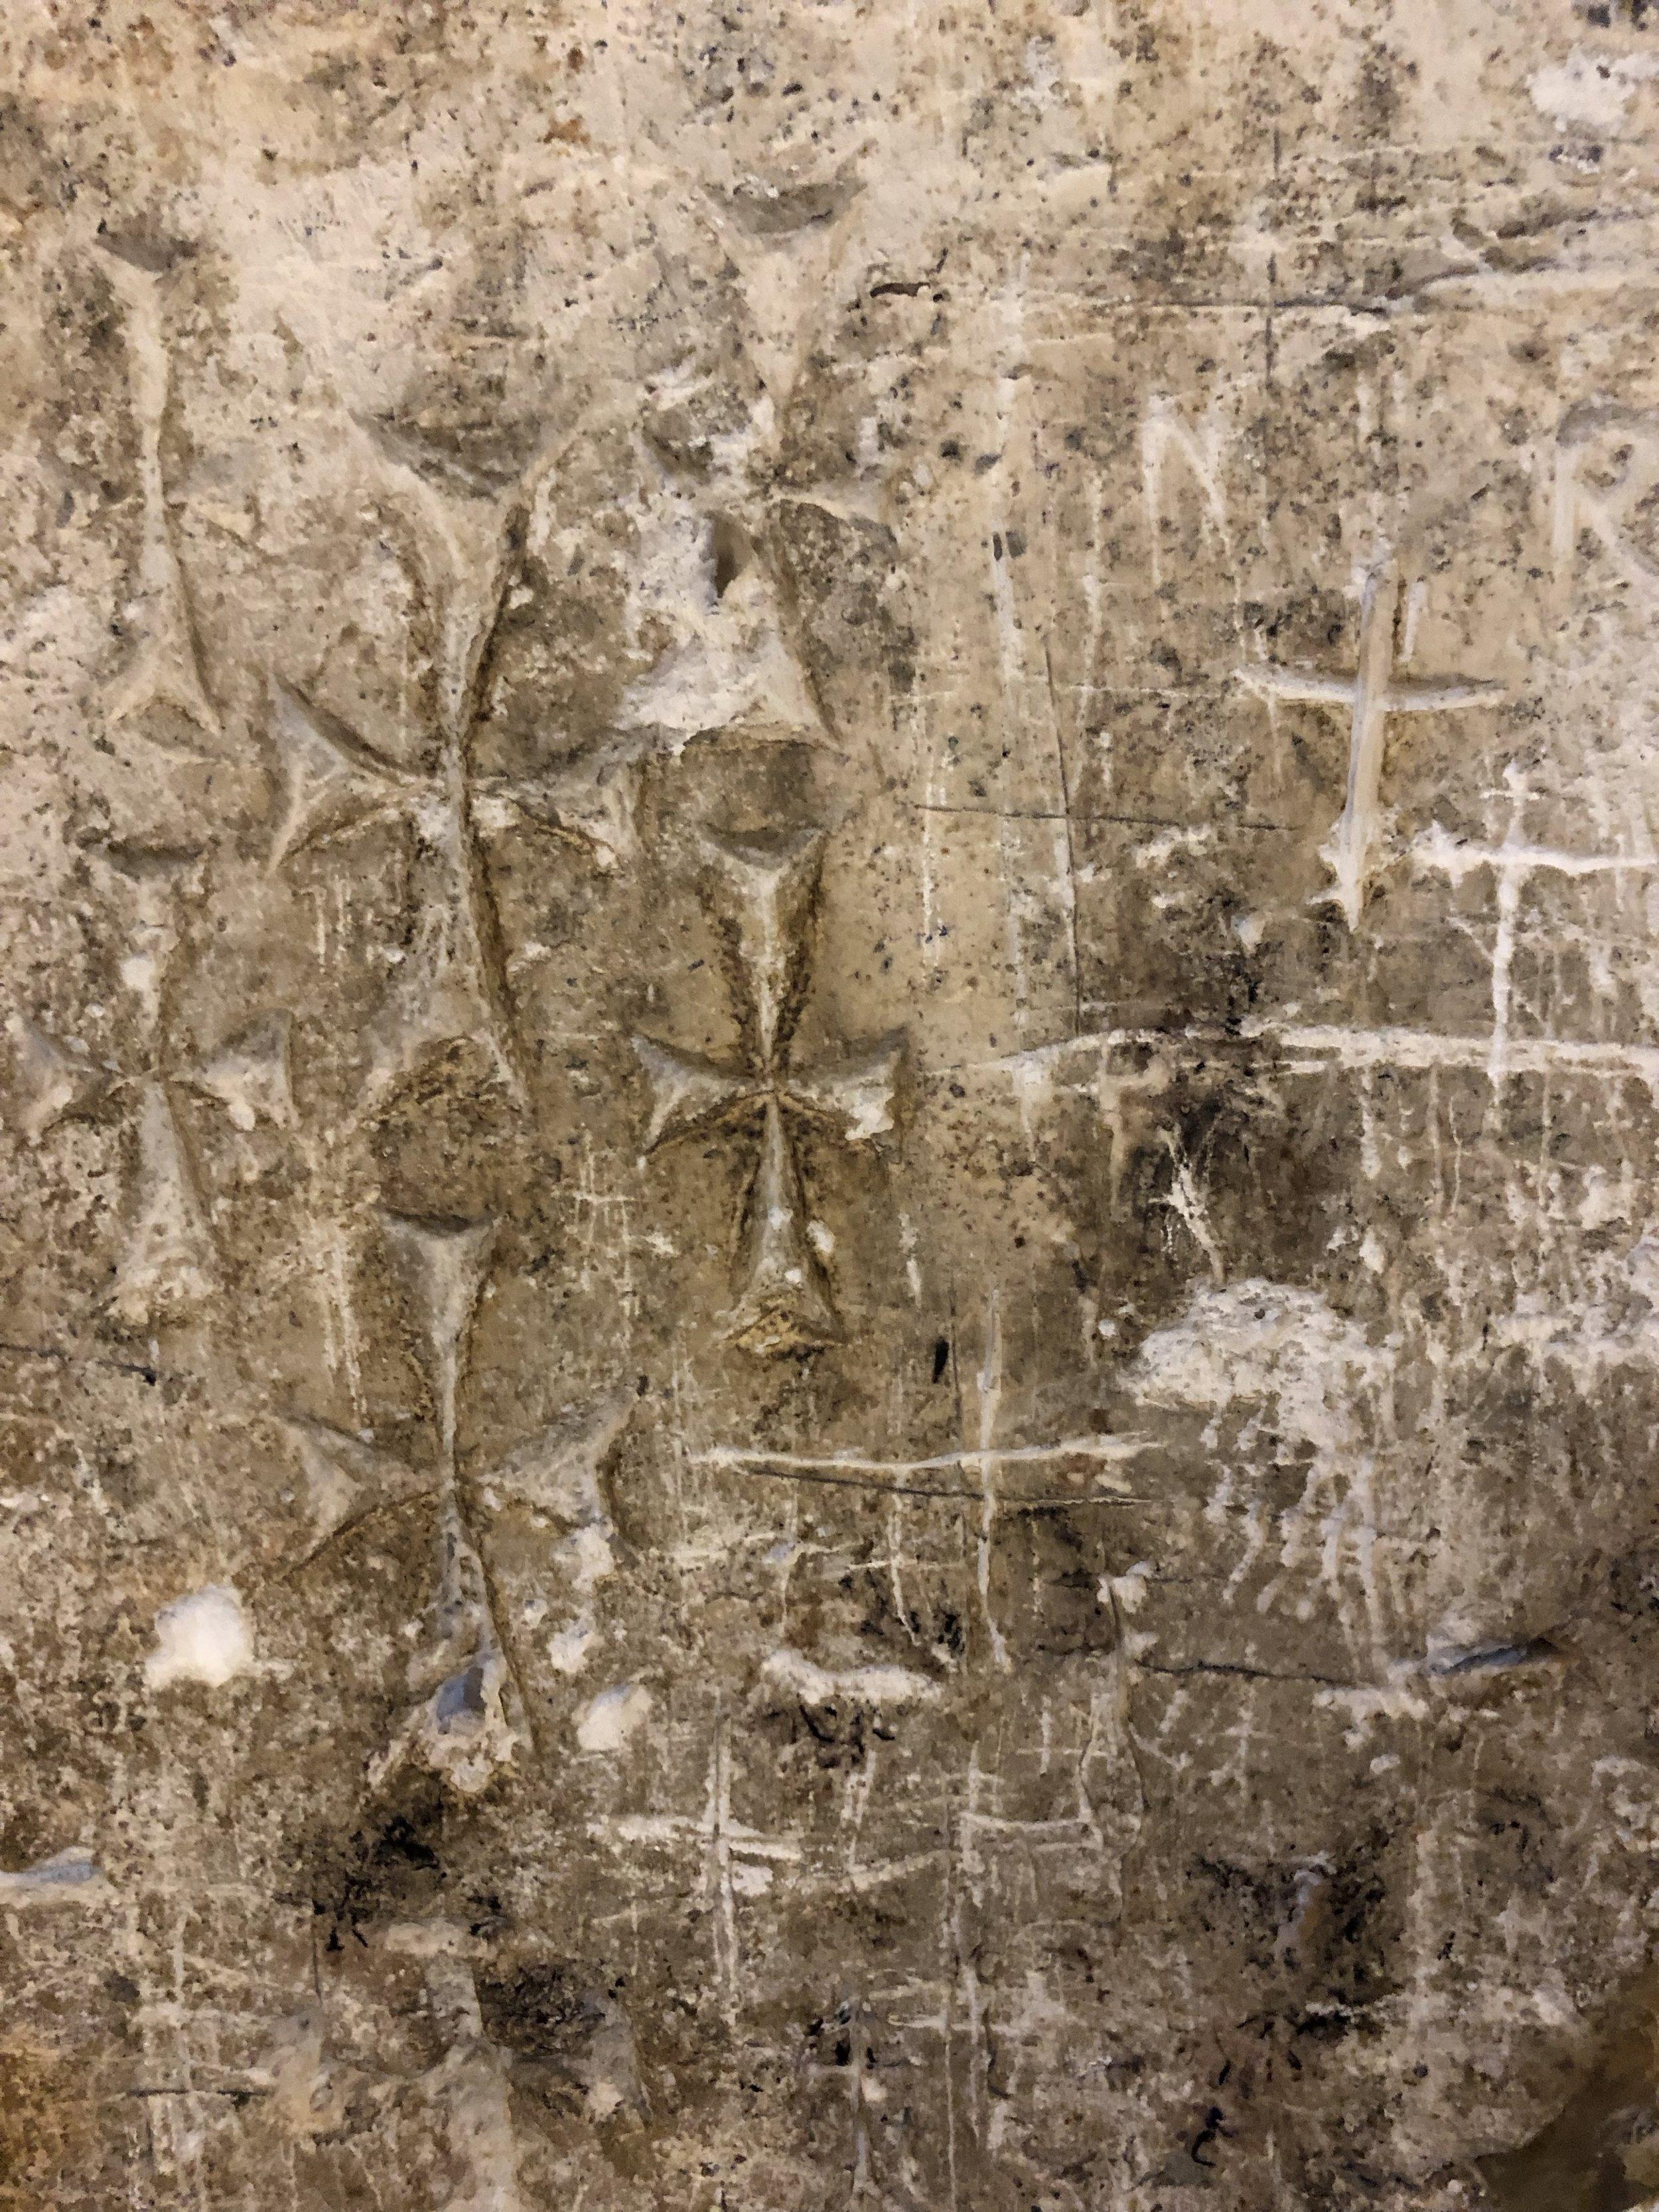 Early graffiti